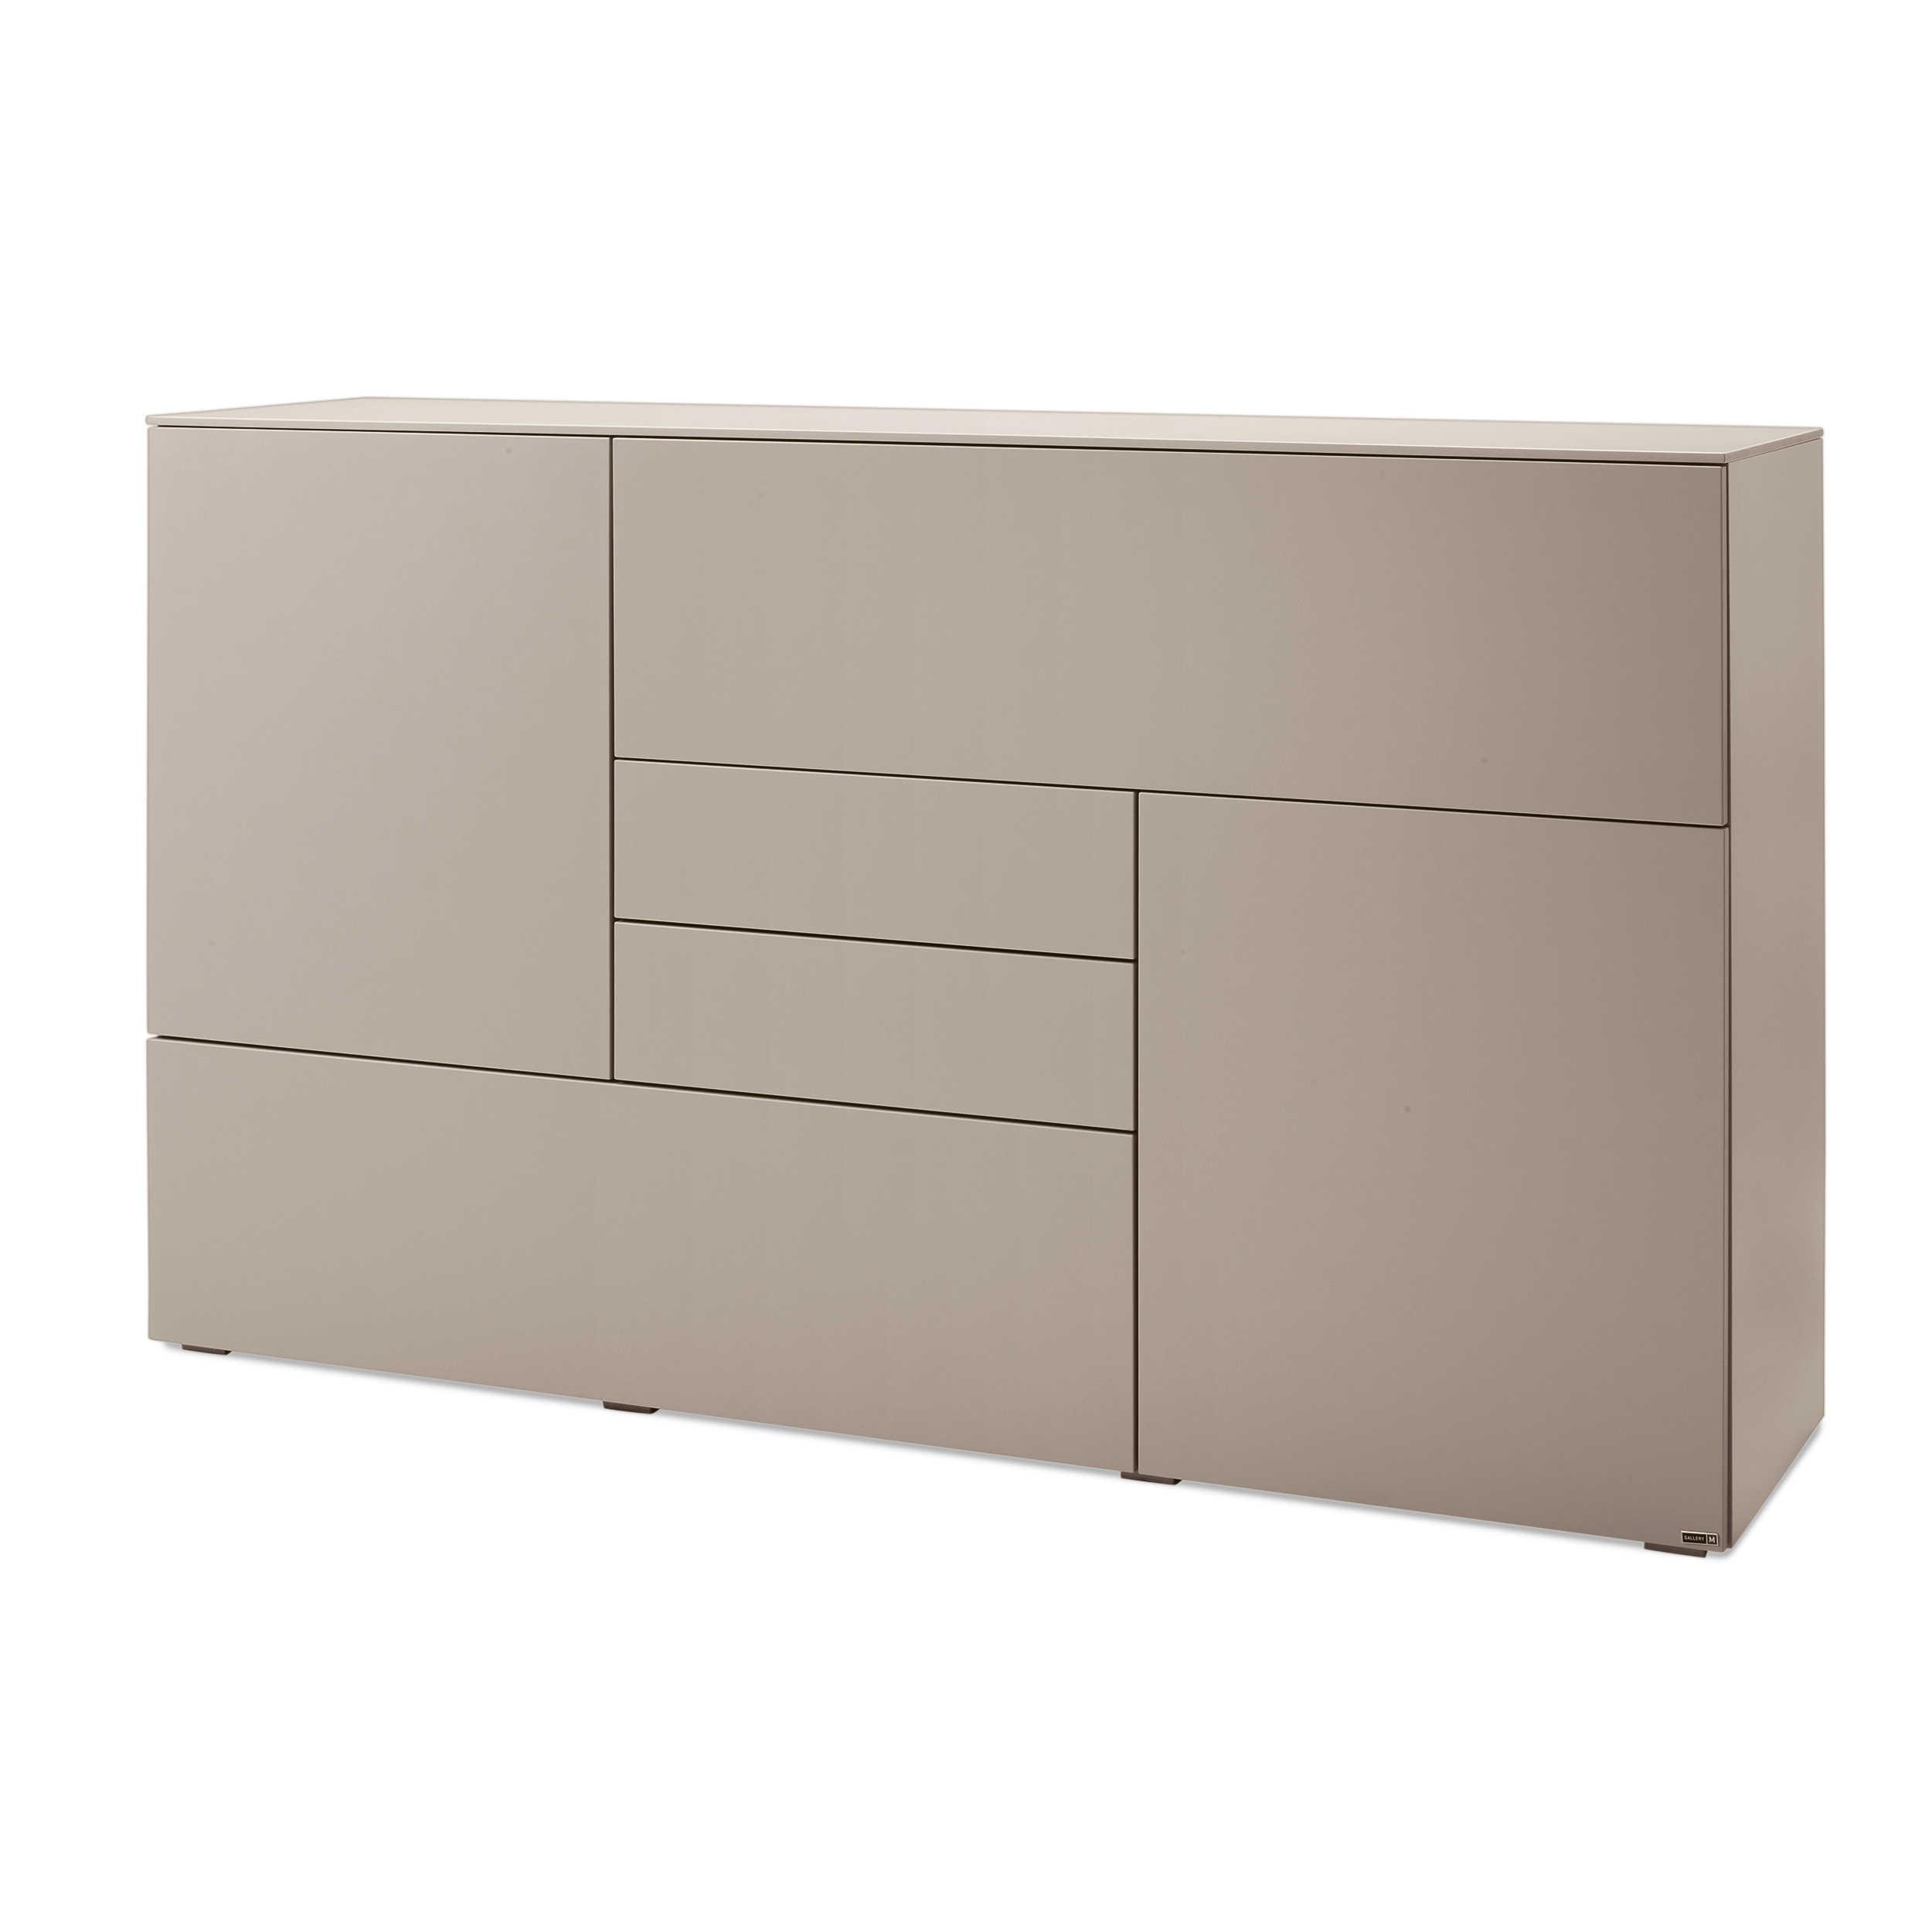 Sideboard Grau Holz Sideboard Grau Holz Sideboard Grau Holz 5